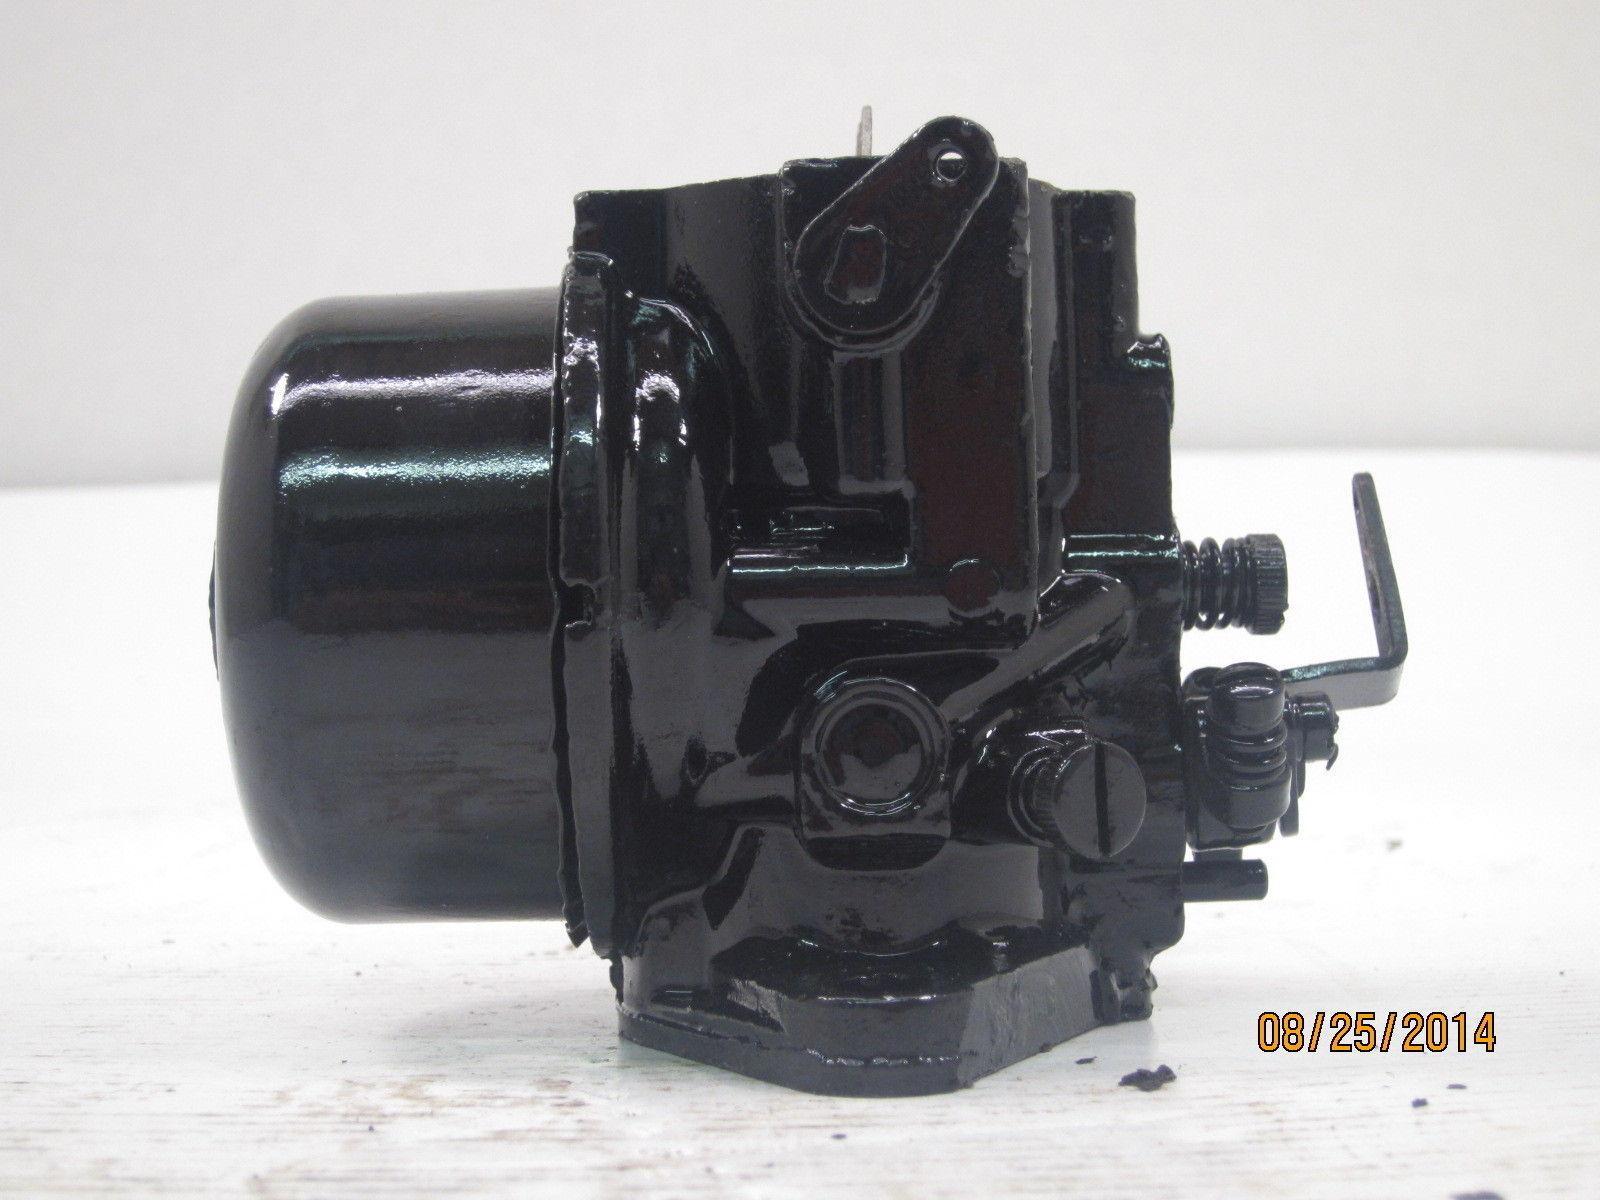 Buy 3499 For K341 K321 Cast Iron 14hp 16hp Engine Carburetor Kohler Diagram S Details About Rebuilt 26 Short Choke Lever